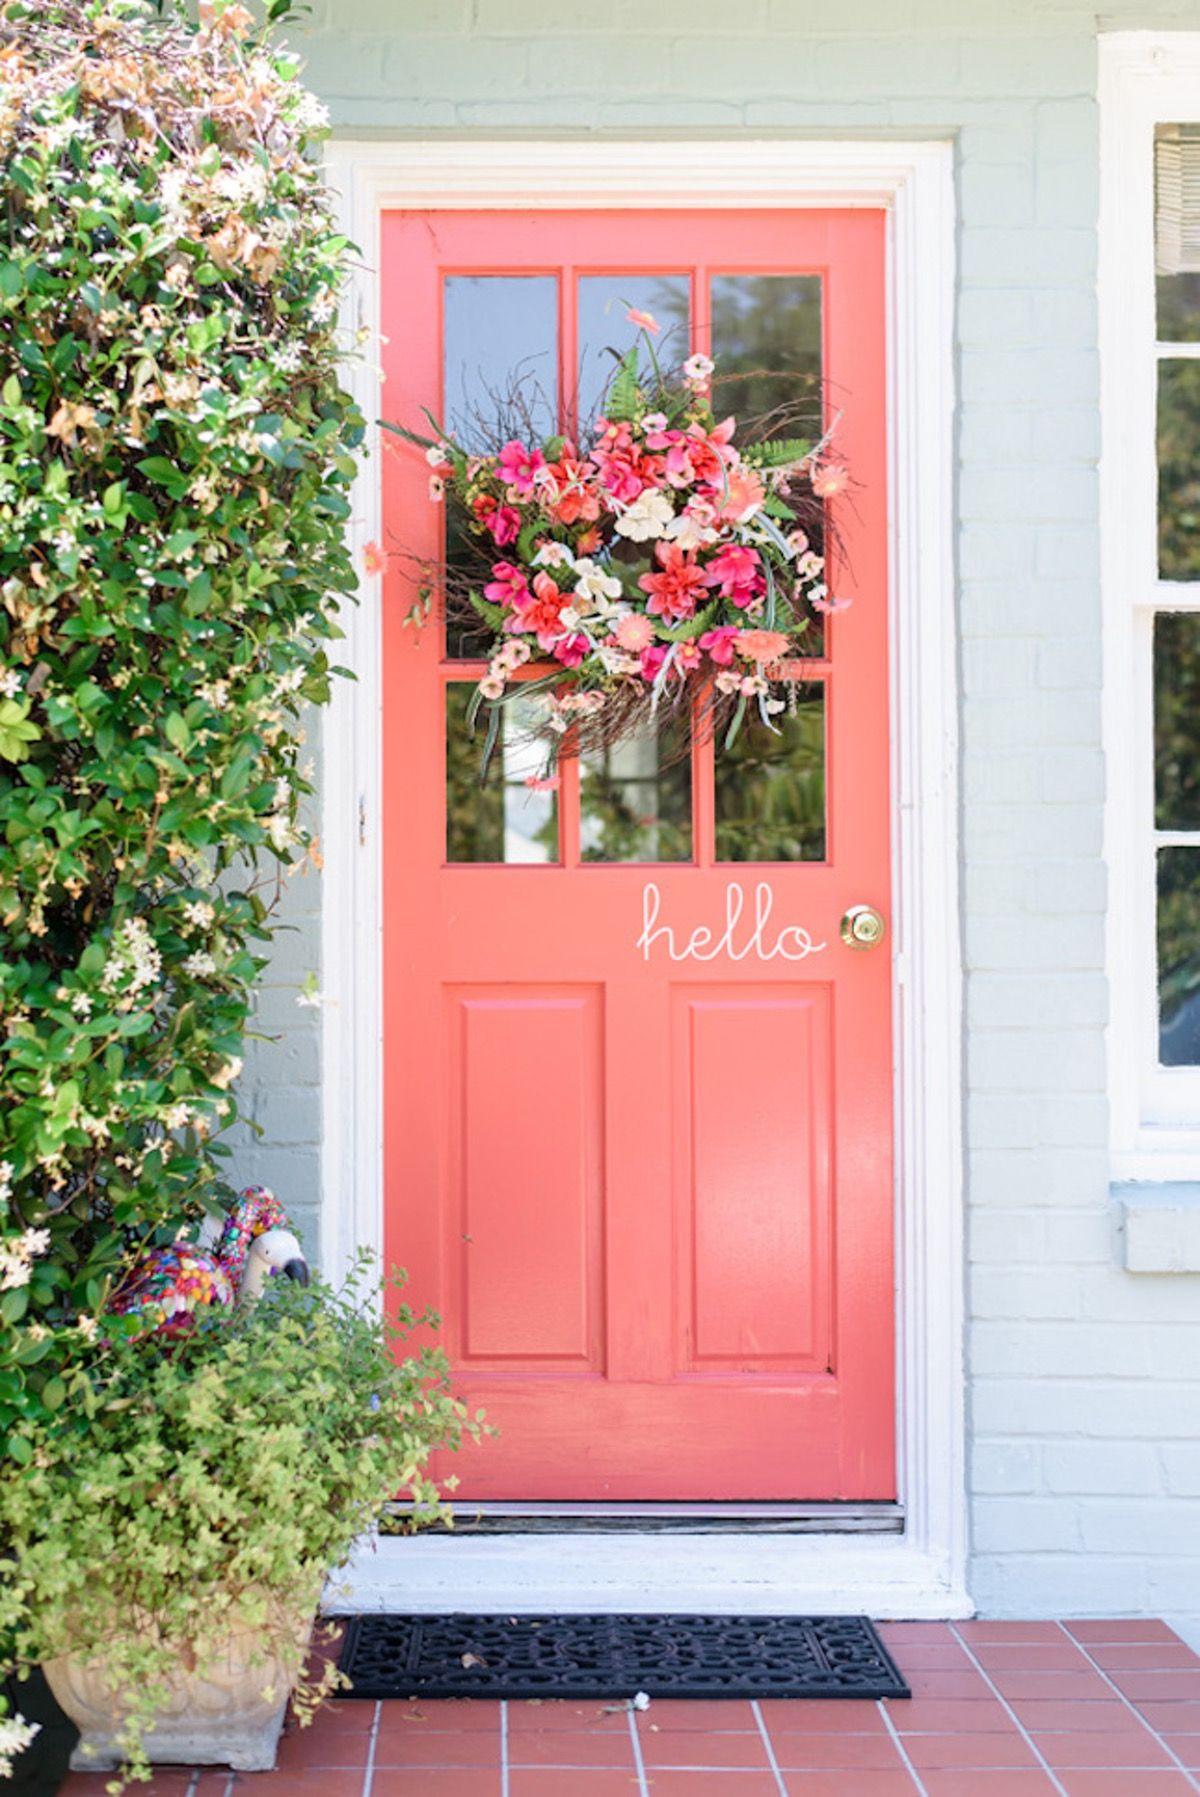 24 Door Decor Ideas to Rock This Summer | Doors and Outdoor living